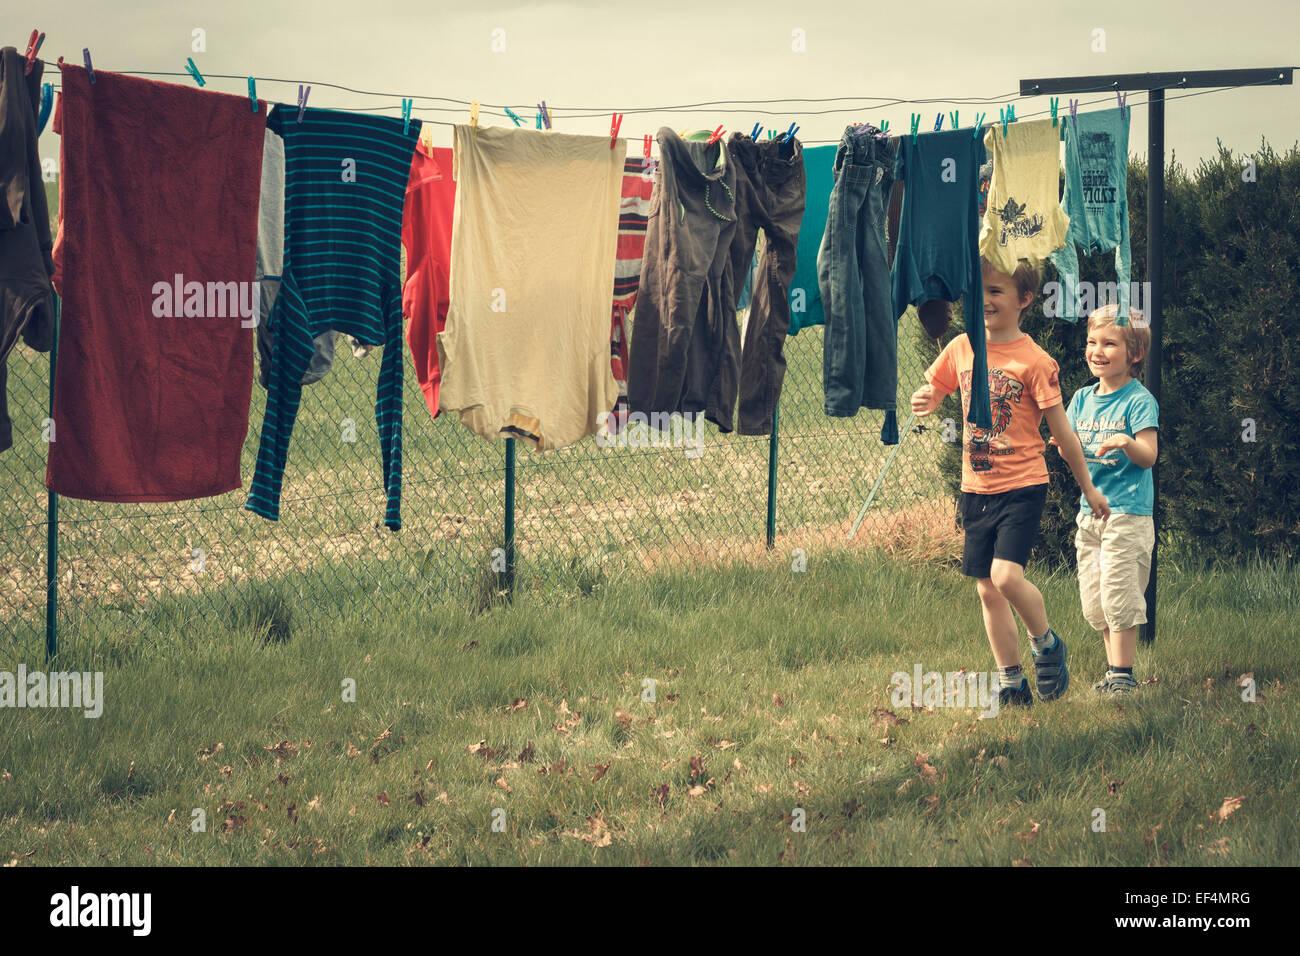 Fratelli giocare all'aperto Servizio lavanderia appeso Immagini Stock